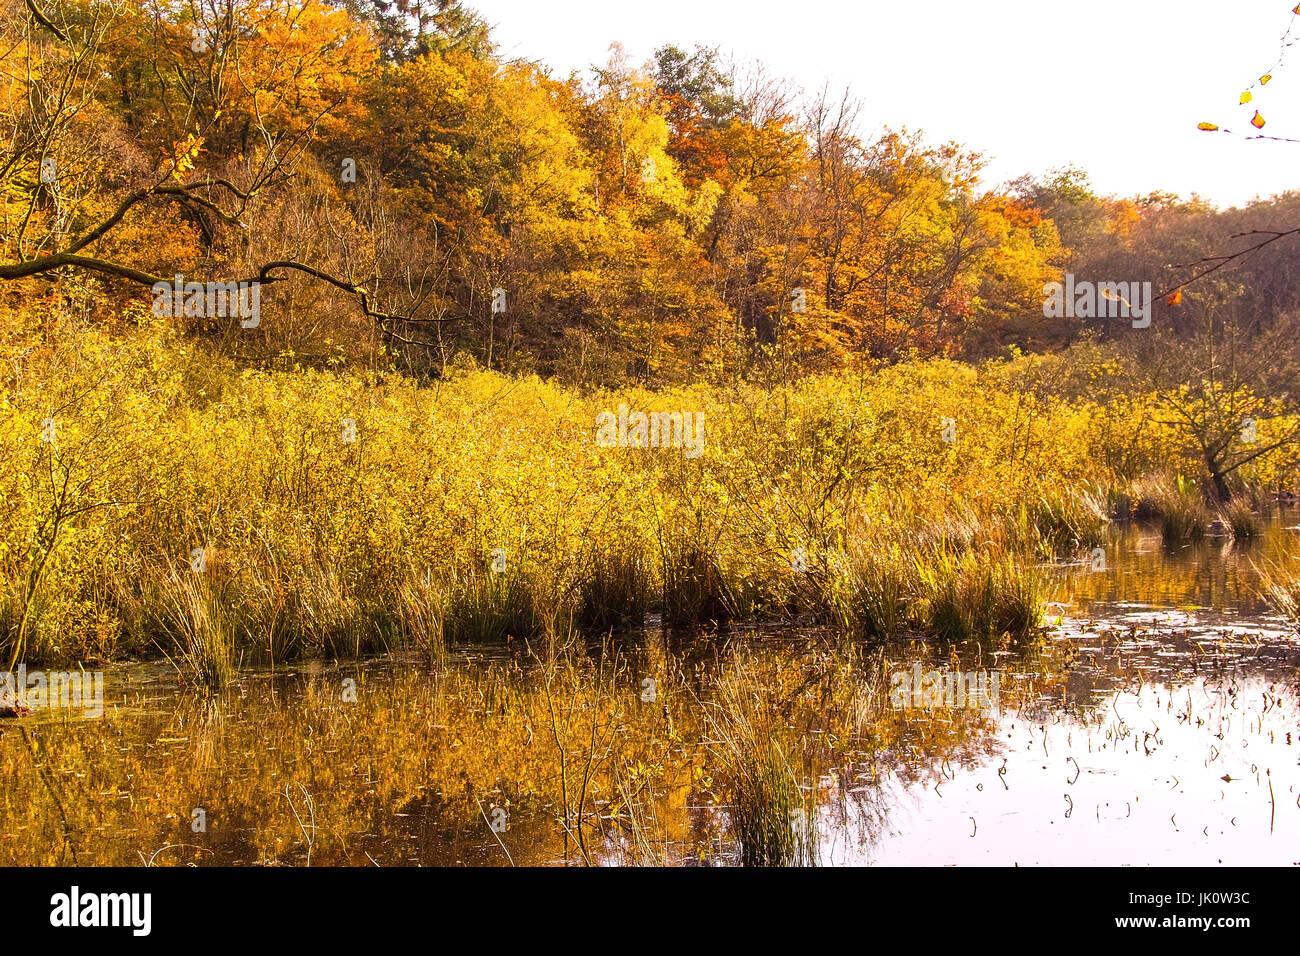 Domaine de la banque d'un étang de la forêt au milieu d'une pause à l'automne bois-uferbereich waldweihers colorés, von inmitten eines dans bruchwaldes herbstfarben Banque D'Images